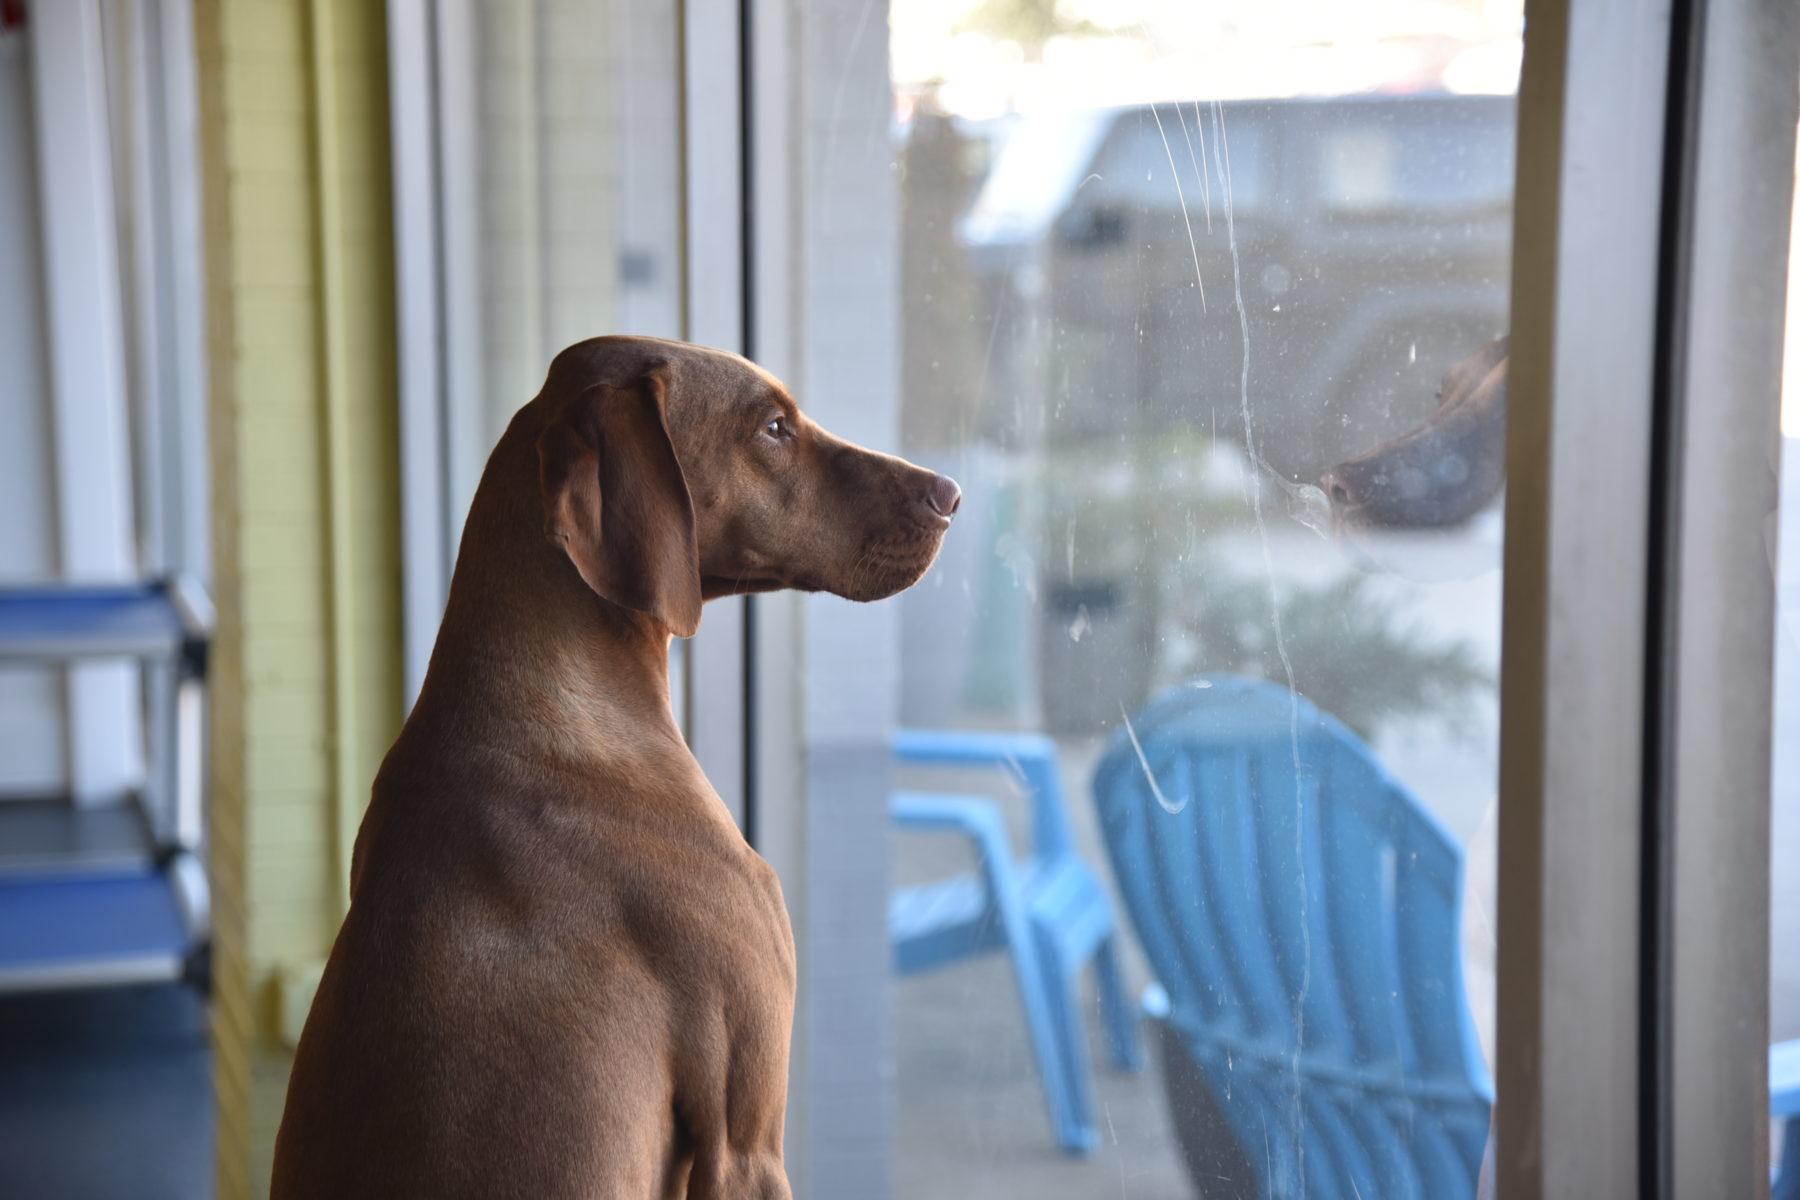 Caso opte por não levar o pet na viagem, escolha um bom hotel para cães ou garanta que alguem de confiança cuide dele em casa na sua ausência.